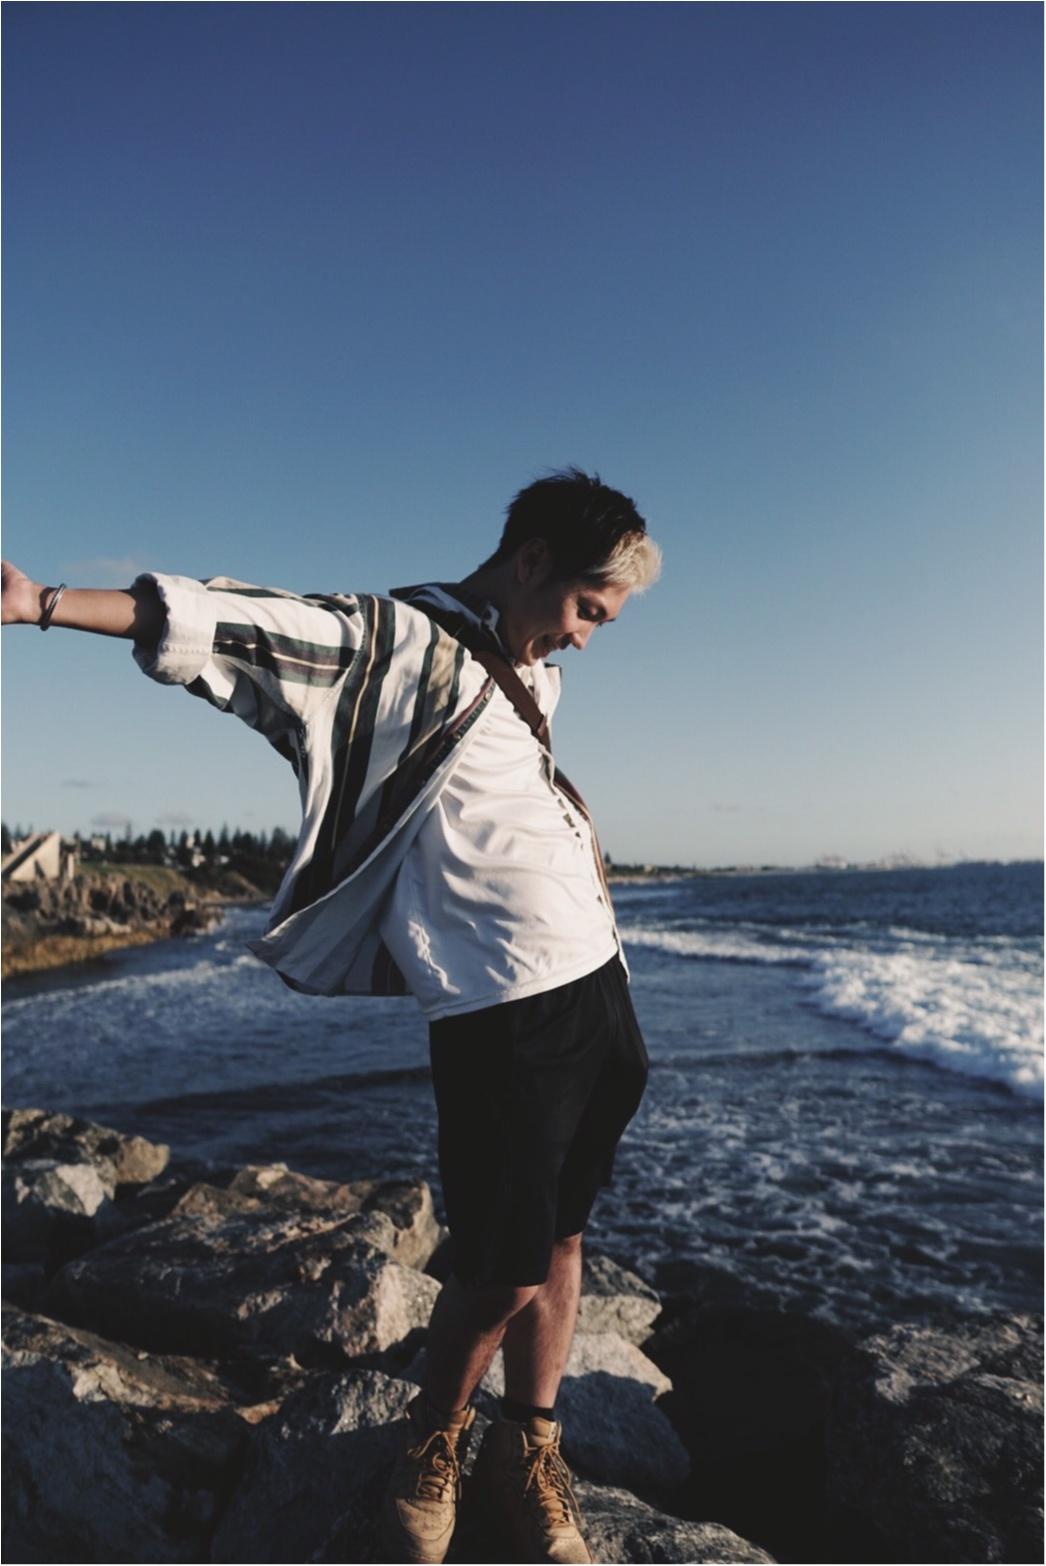 ダンス=人生。世界的ダンサー・有働真帆さんに聞く「大人の夢の叶え方」【interview後編】_1